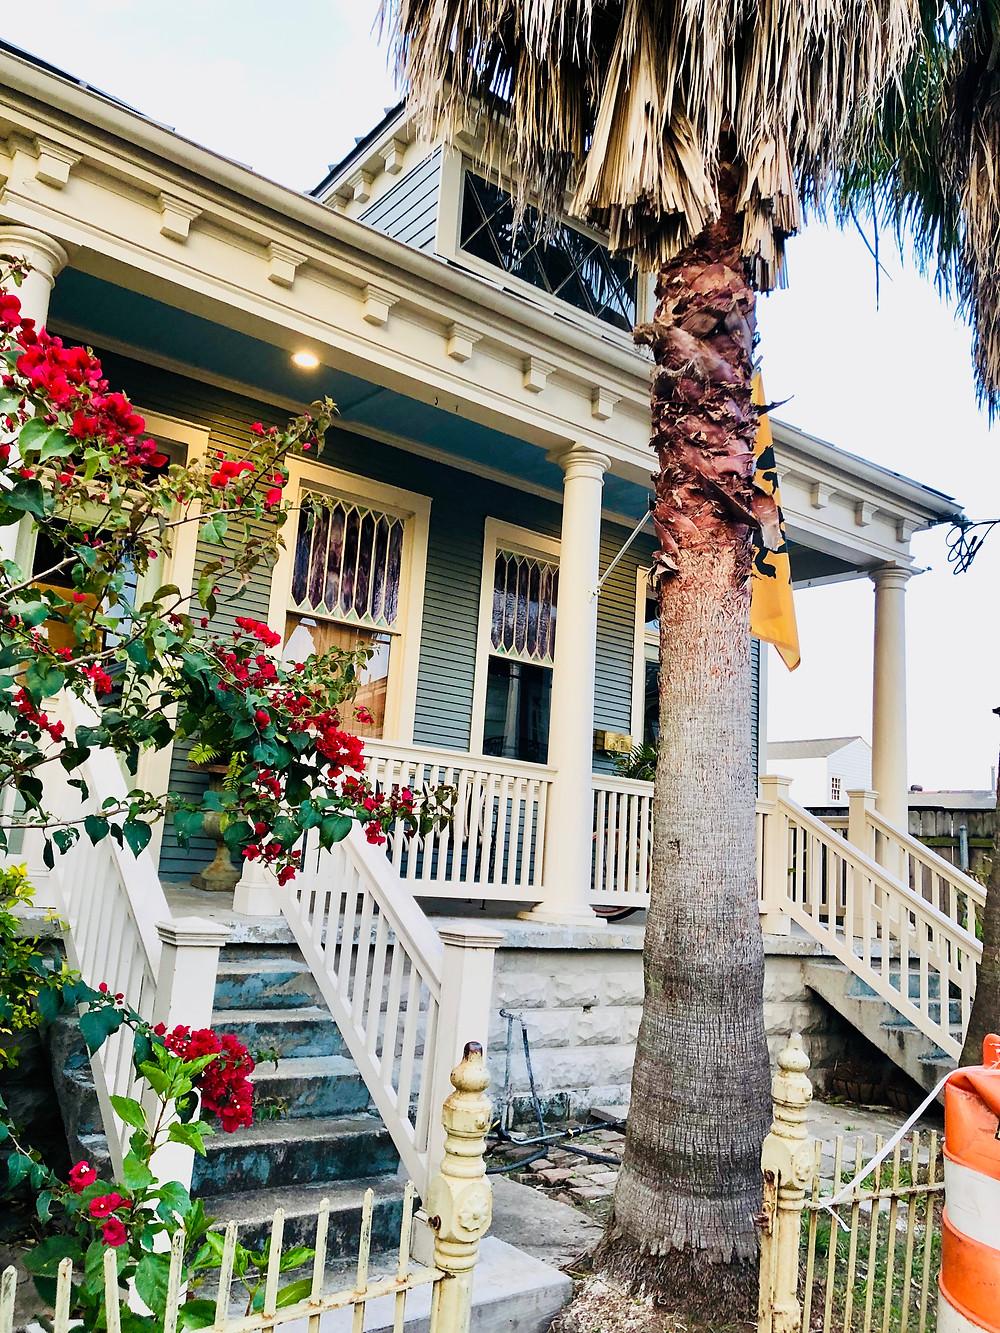 New Orleans, architecture, Lower Garden District